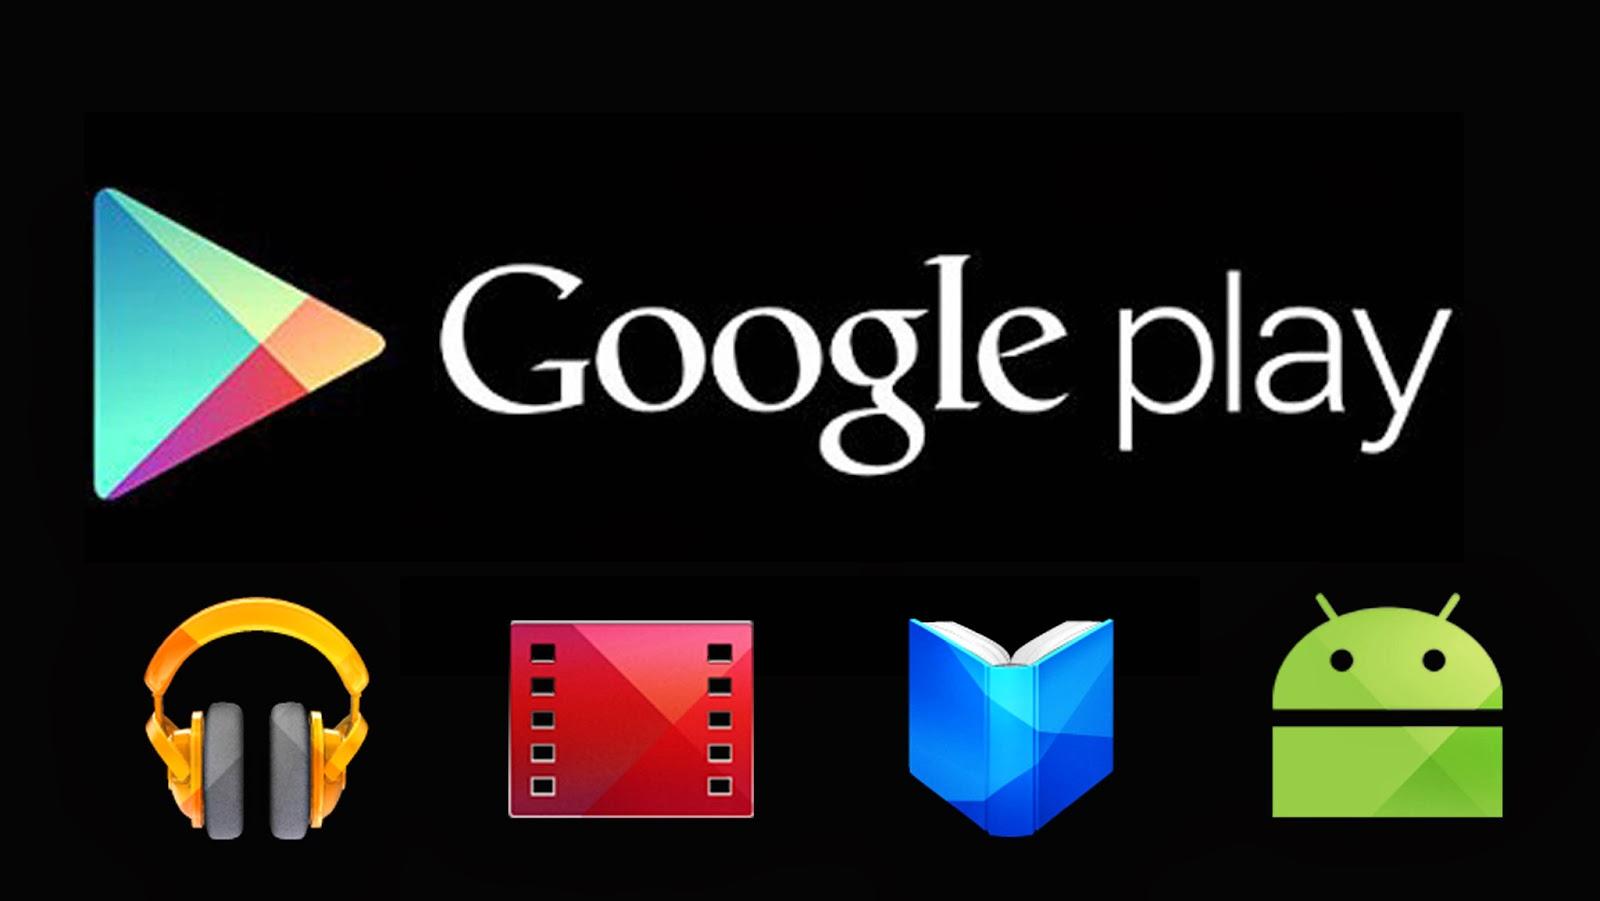 Agust Bece Cara Download File Apk Di Google Play Dari Pc